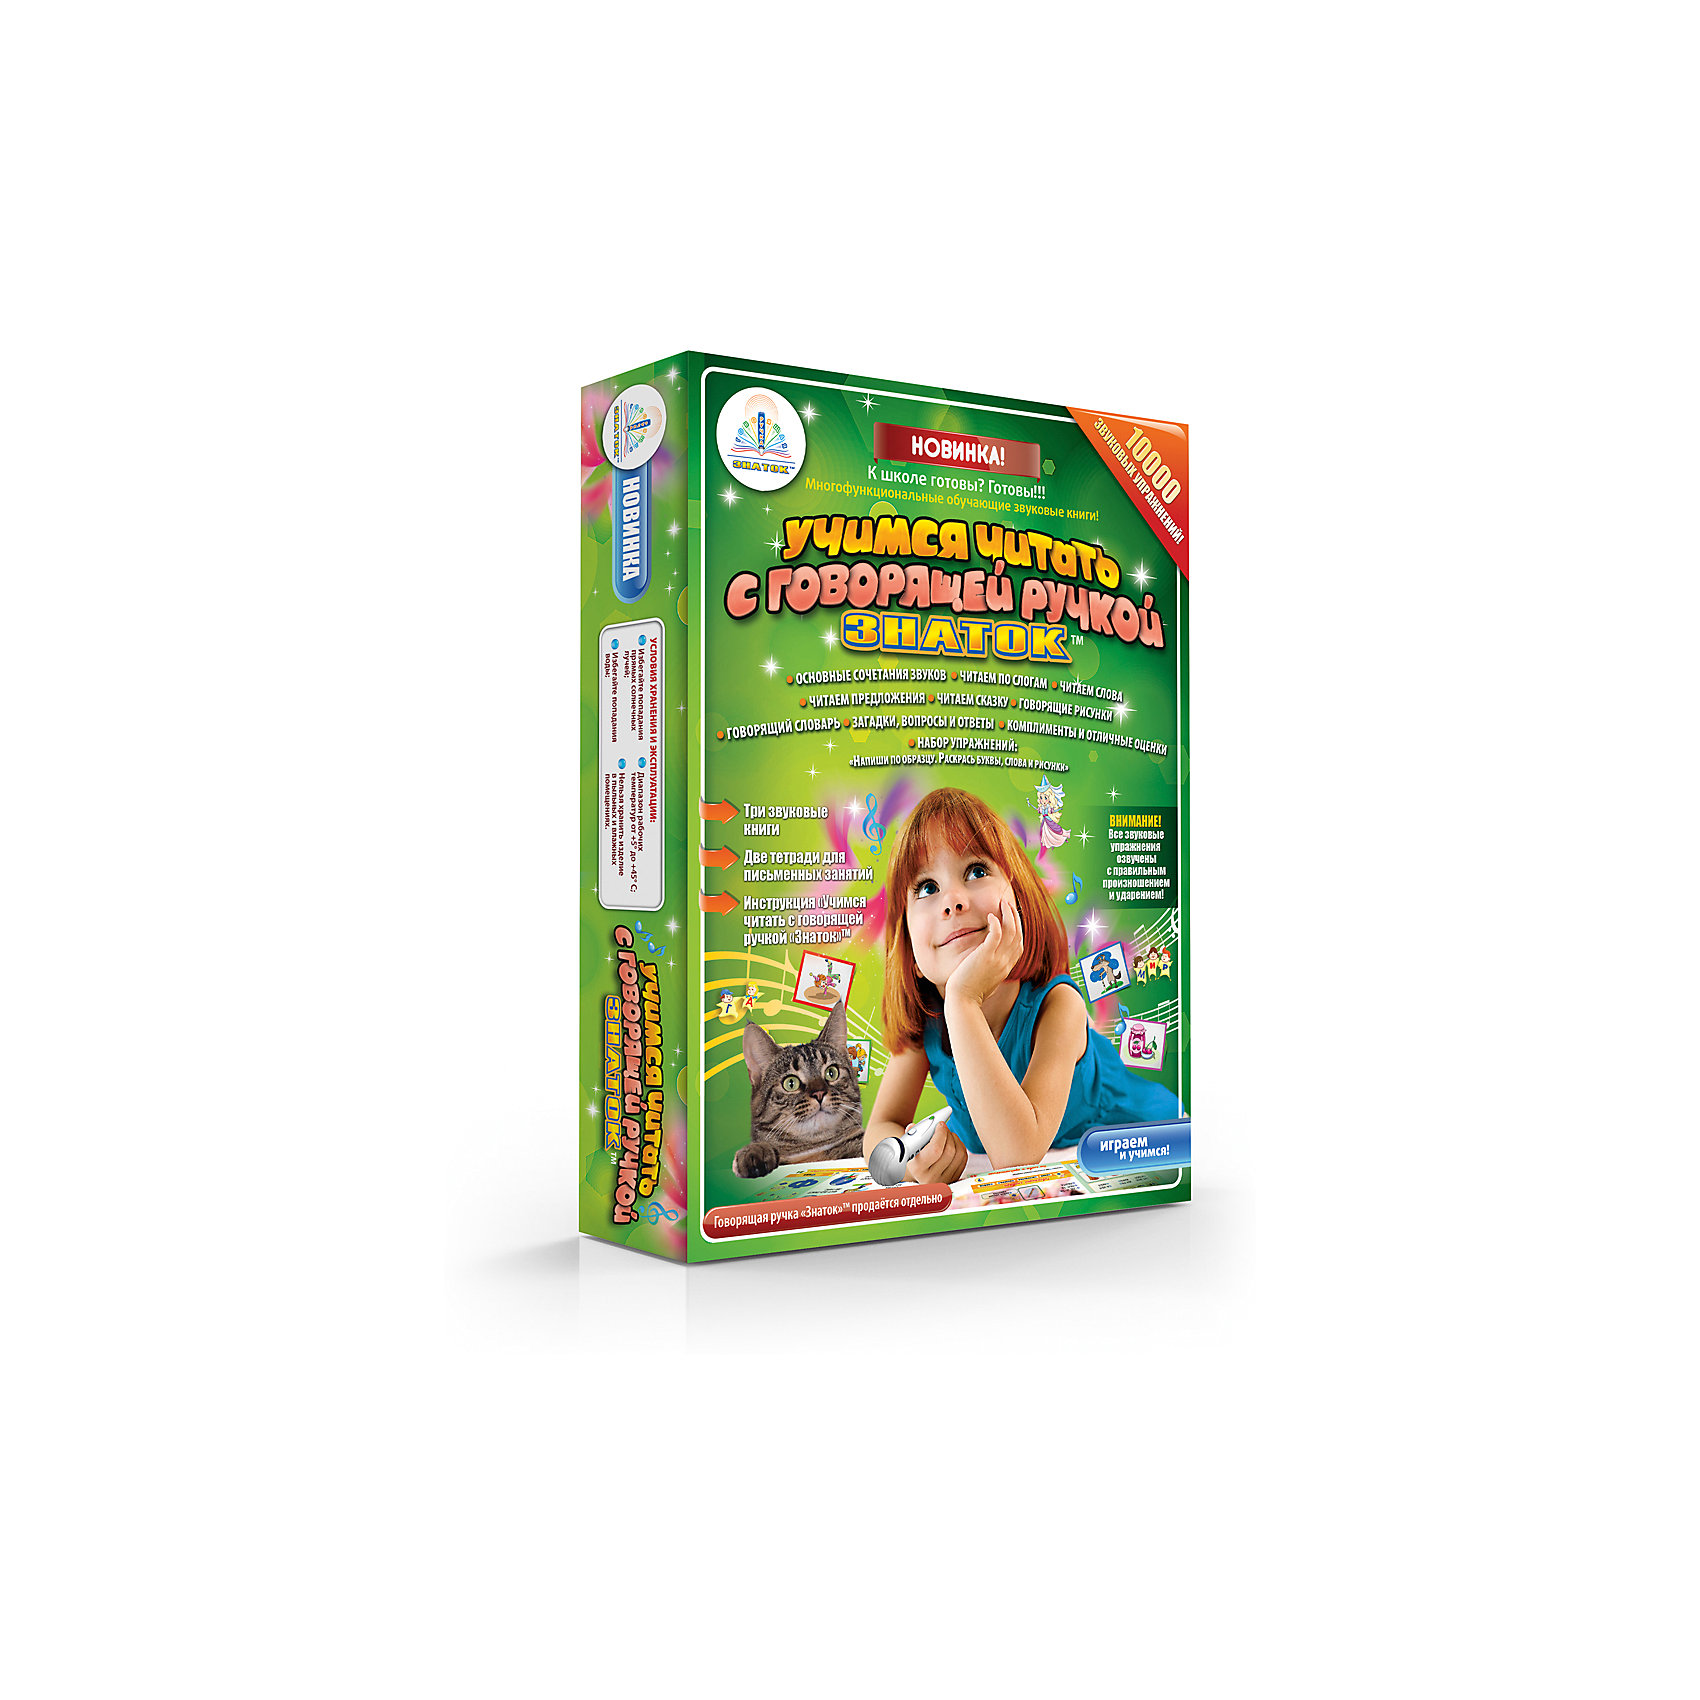 Набор книг для говорящей ручки Учимся читатьНабор книг для говорящей ручки Учимся читать, Знаток<br><br>Характеристики:<br><br>• поможет ребенку научиться читать в игровой форме<br>• тексты озвучены профессиональными актерами<br>• можно проверить полученные знания с помощью экзамена<br>• 10 000 звуковых упражнений<br>• озвученные персонажи<br>• в комплекте: 3 книги Учимся читать с Говорящей ручкой ЗНАТОК (формат 19х26 см, твердый переплет), 2 тетради для практических занятий (формат 18,5х25,6 см, мягкий переплет)<br>• Авторы: Надежда Чижова, Григорий Чижов<br>• ISBN: 9785424400117<br>• размер упаковки: 26х19 см<br>• вес: 500 грамм<br><br>Набор Учимся читать от торговой марки Знаток станет прекрасным помощником для детей и родителей. В комплект входят 3 книги и 2 тетради для практических занятий. Сначала ребенок познакомится с буквами, слогами, словами и звуками, научится читать, а затем сможет проверить свои знания с помощью специального звукового экзамена. Десять тысяч упражнений помогут ему в этом. Кроме того, набор поможет развить словарный запас вместе с говорящим словарем. <br>Для работы необходима Говорящая ручка Знаток ( в комплект не входит)<br><br>Набор книг для говорящей ручки Учимся читать, Знаток вы можете купить в нашем интернет-магазине.<br><br>Ширина мм: 190<br>Глубина мм: 280<br>Высота мм: 260<br>Вес г: 500<br>Возраст от месяцев: 36<br>Возраст до месяцев: 84<br>Пол: Унисекс<br>Возраст: Детский<br>SKU: 3341083